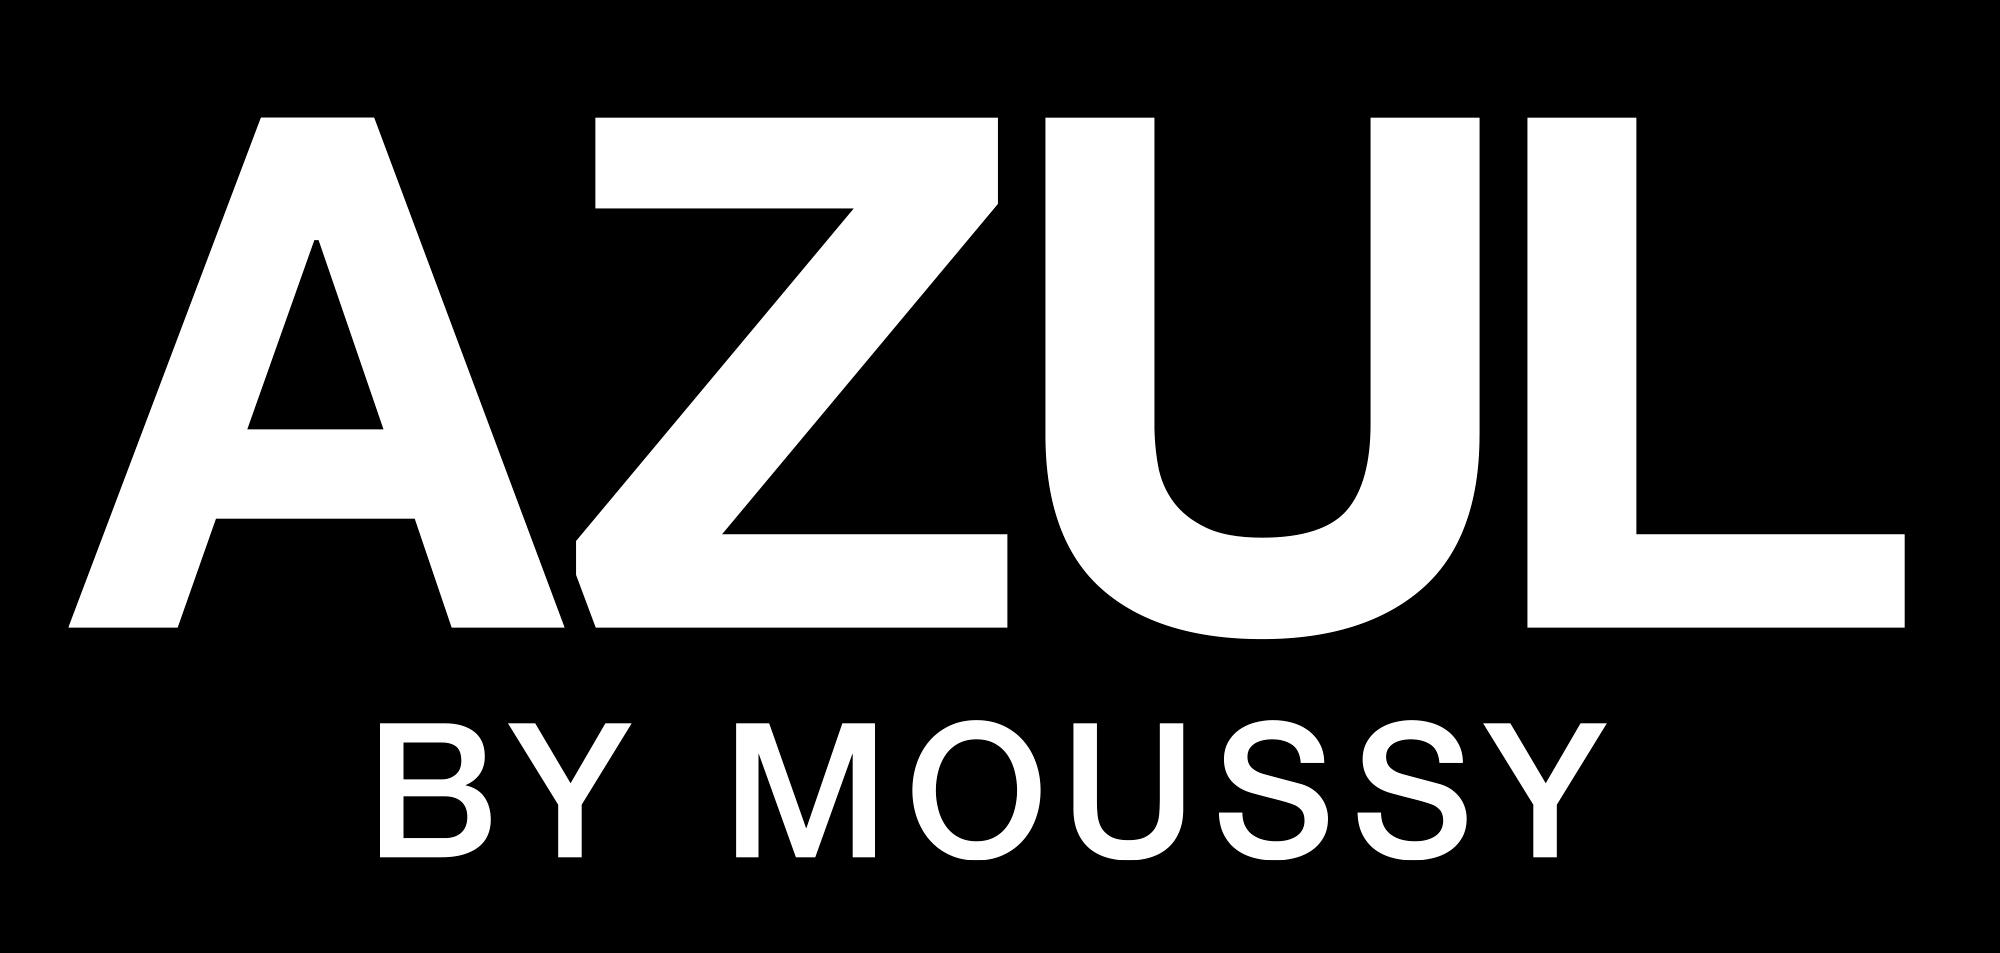 アズールバイマウジーのロゴ画像